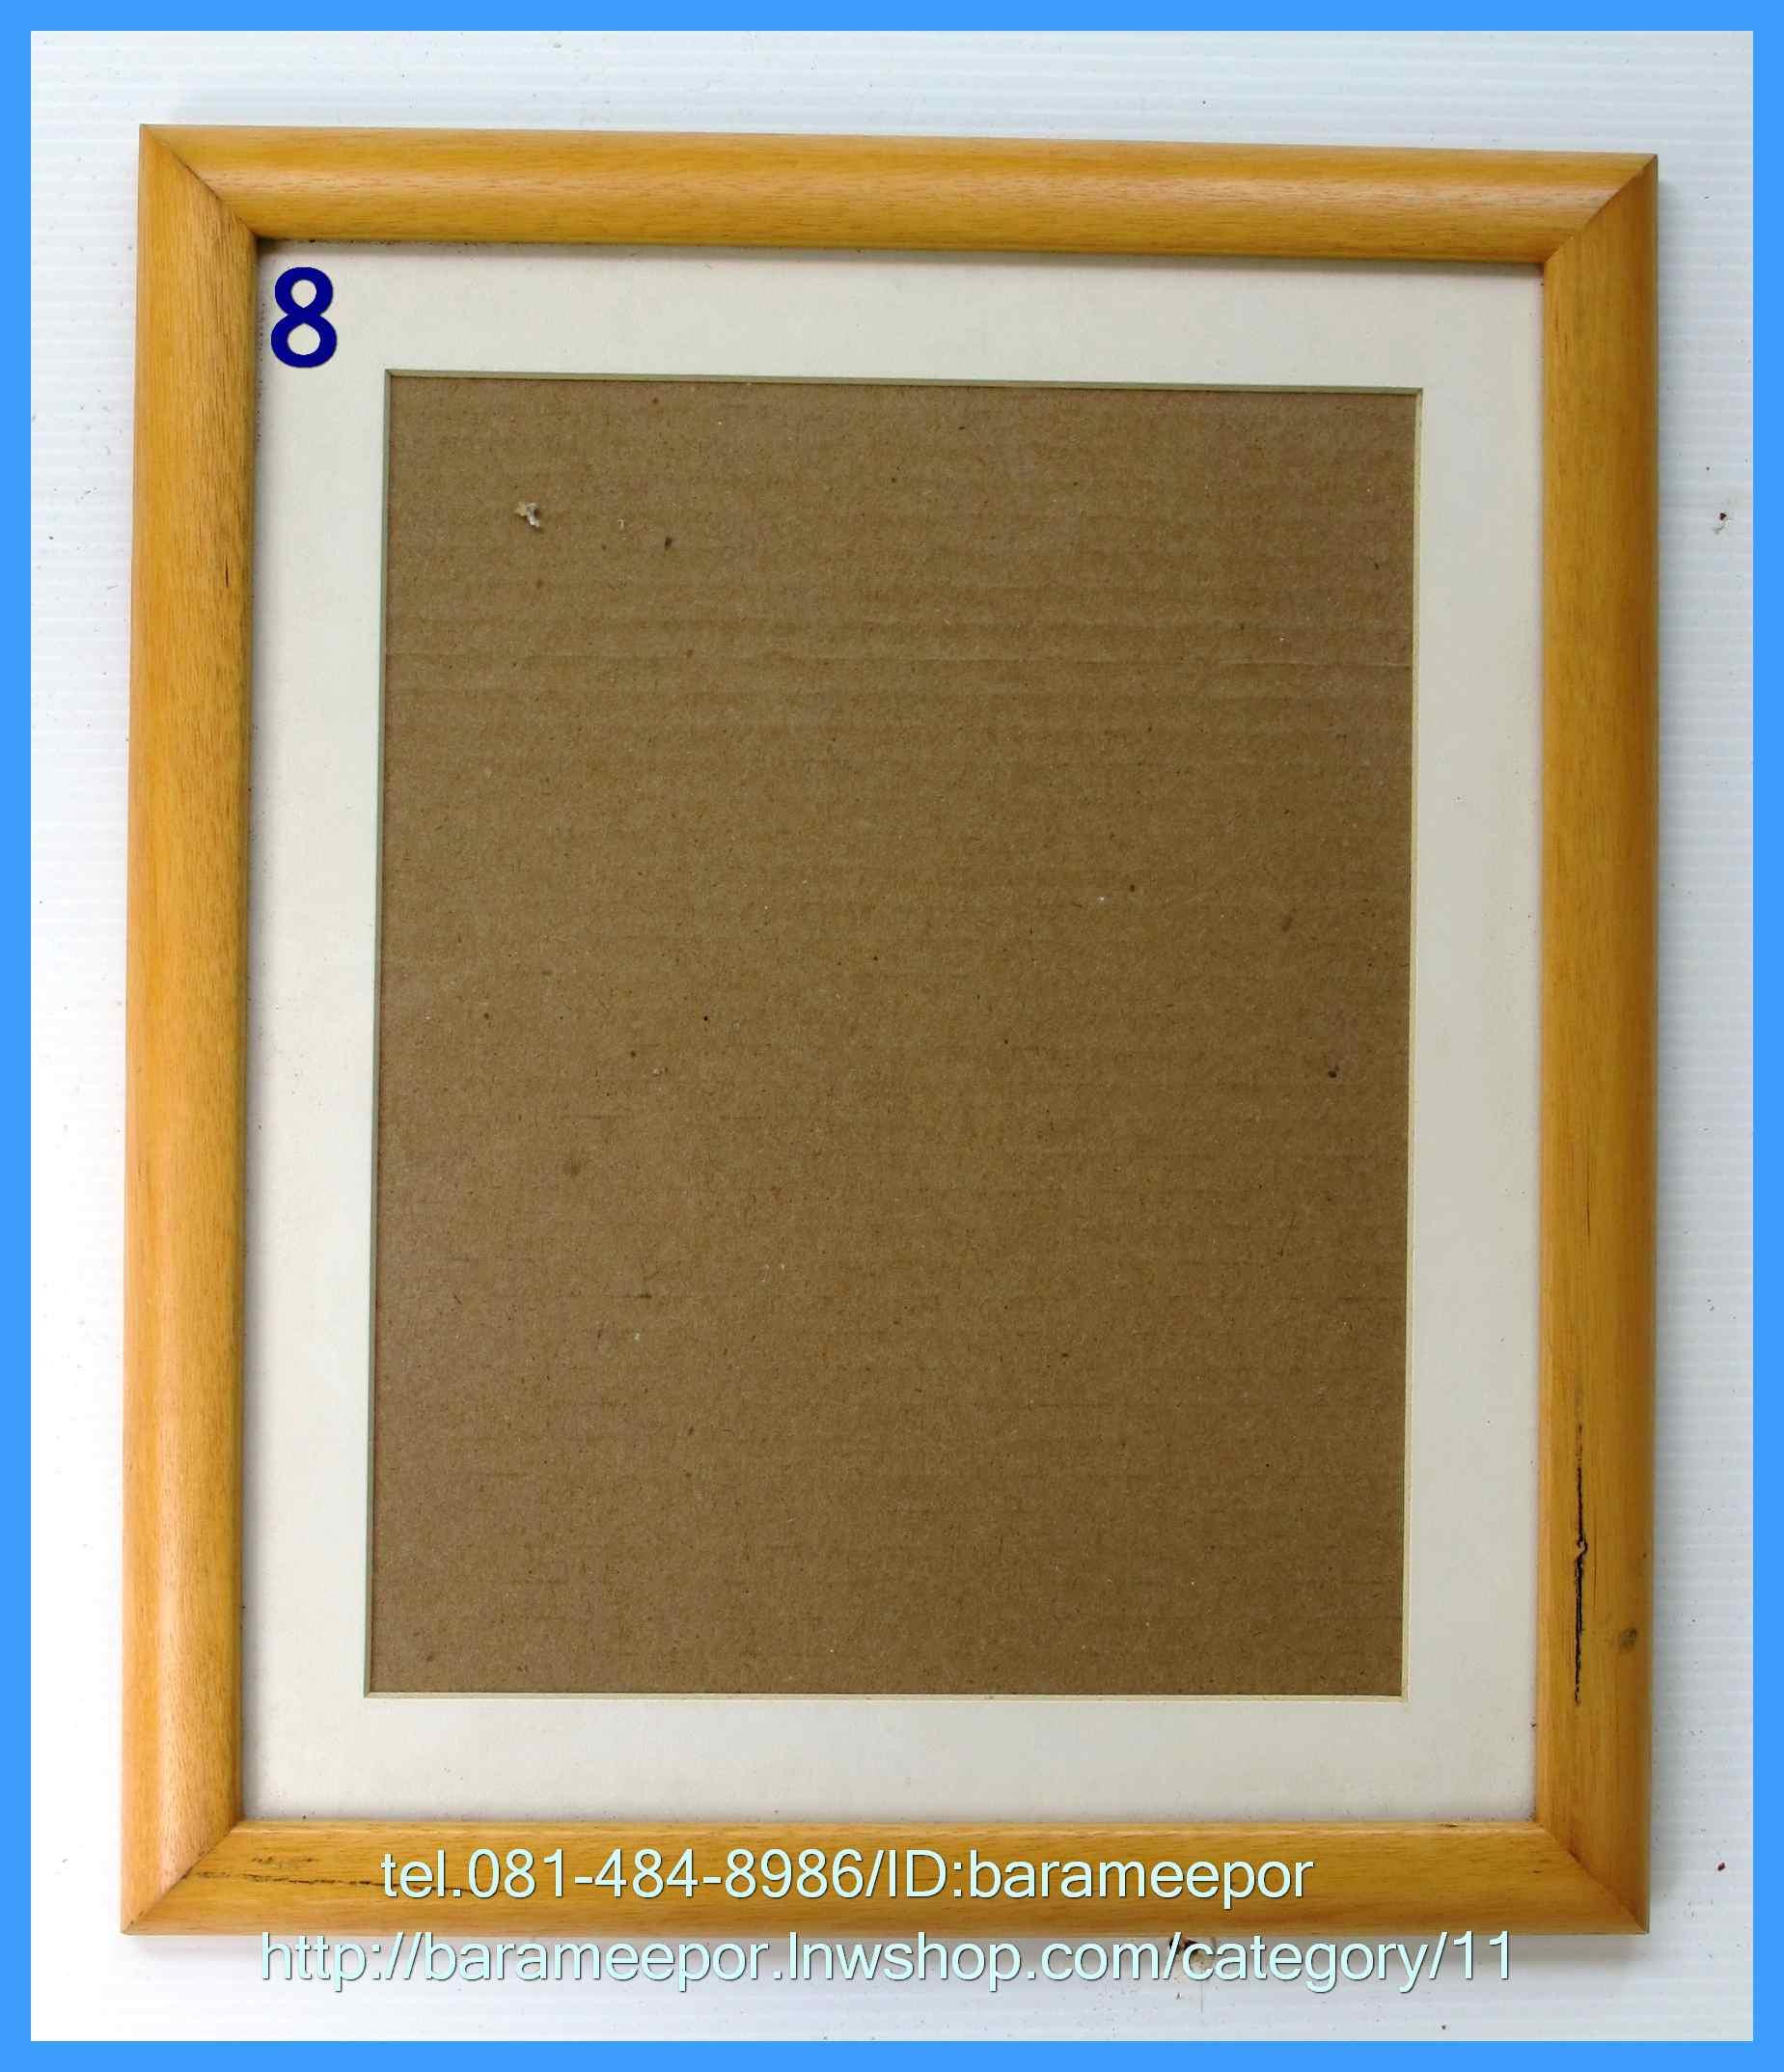 กรอบรูปไม้ ขนาดกรอบนอก 11x13 นิ้ว ใส่ภาพขนาด 9x10.5 นิ้ว